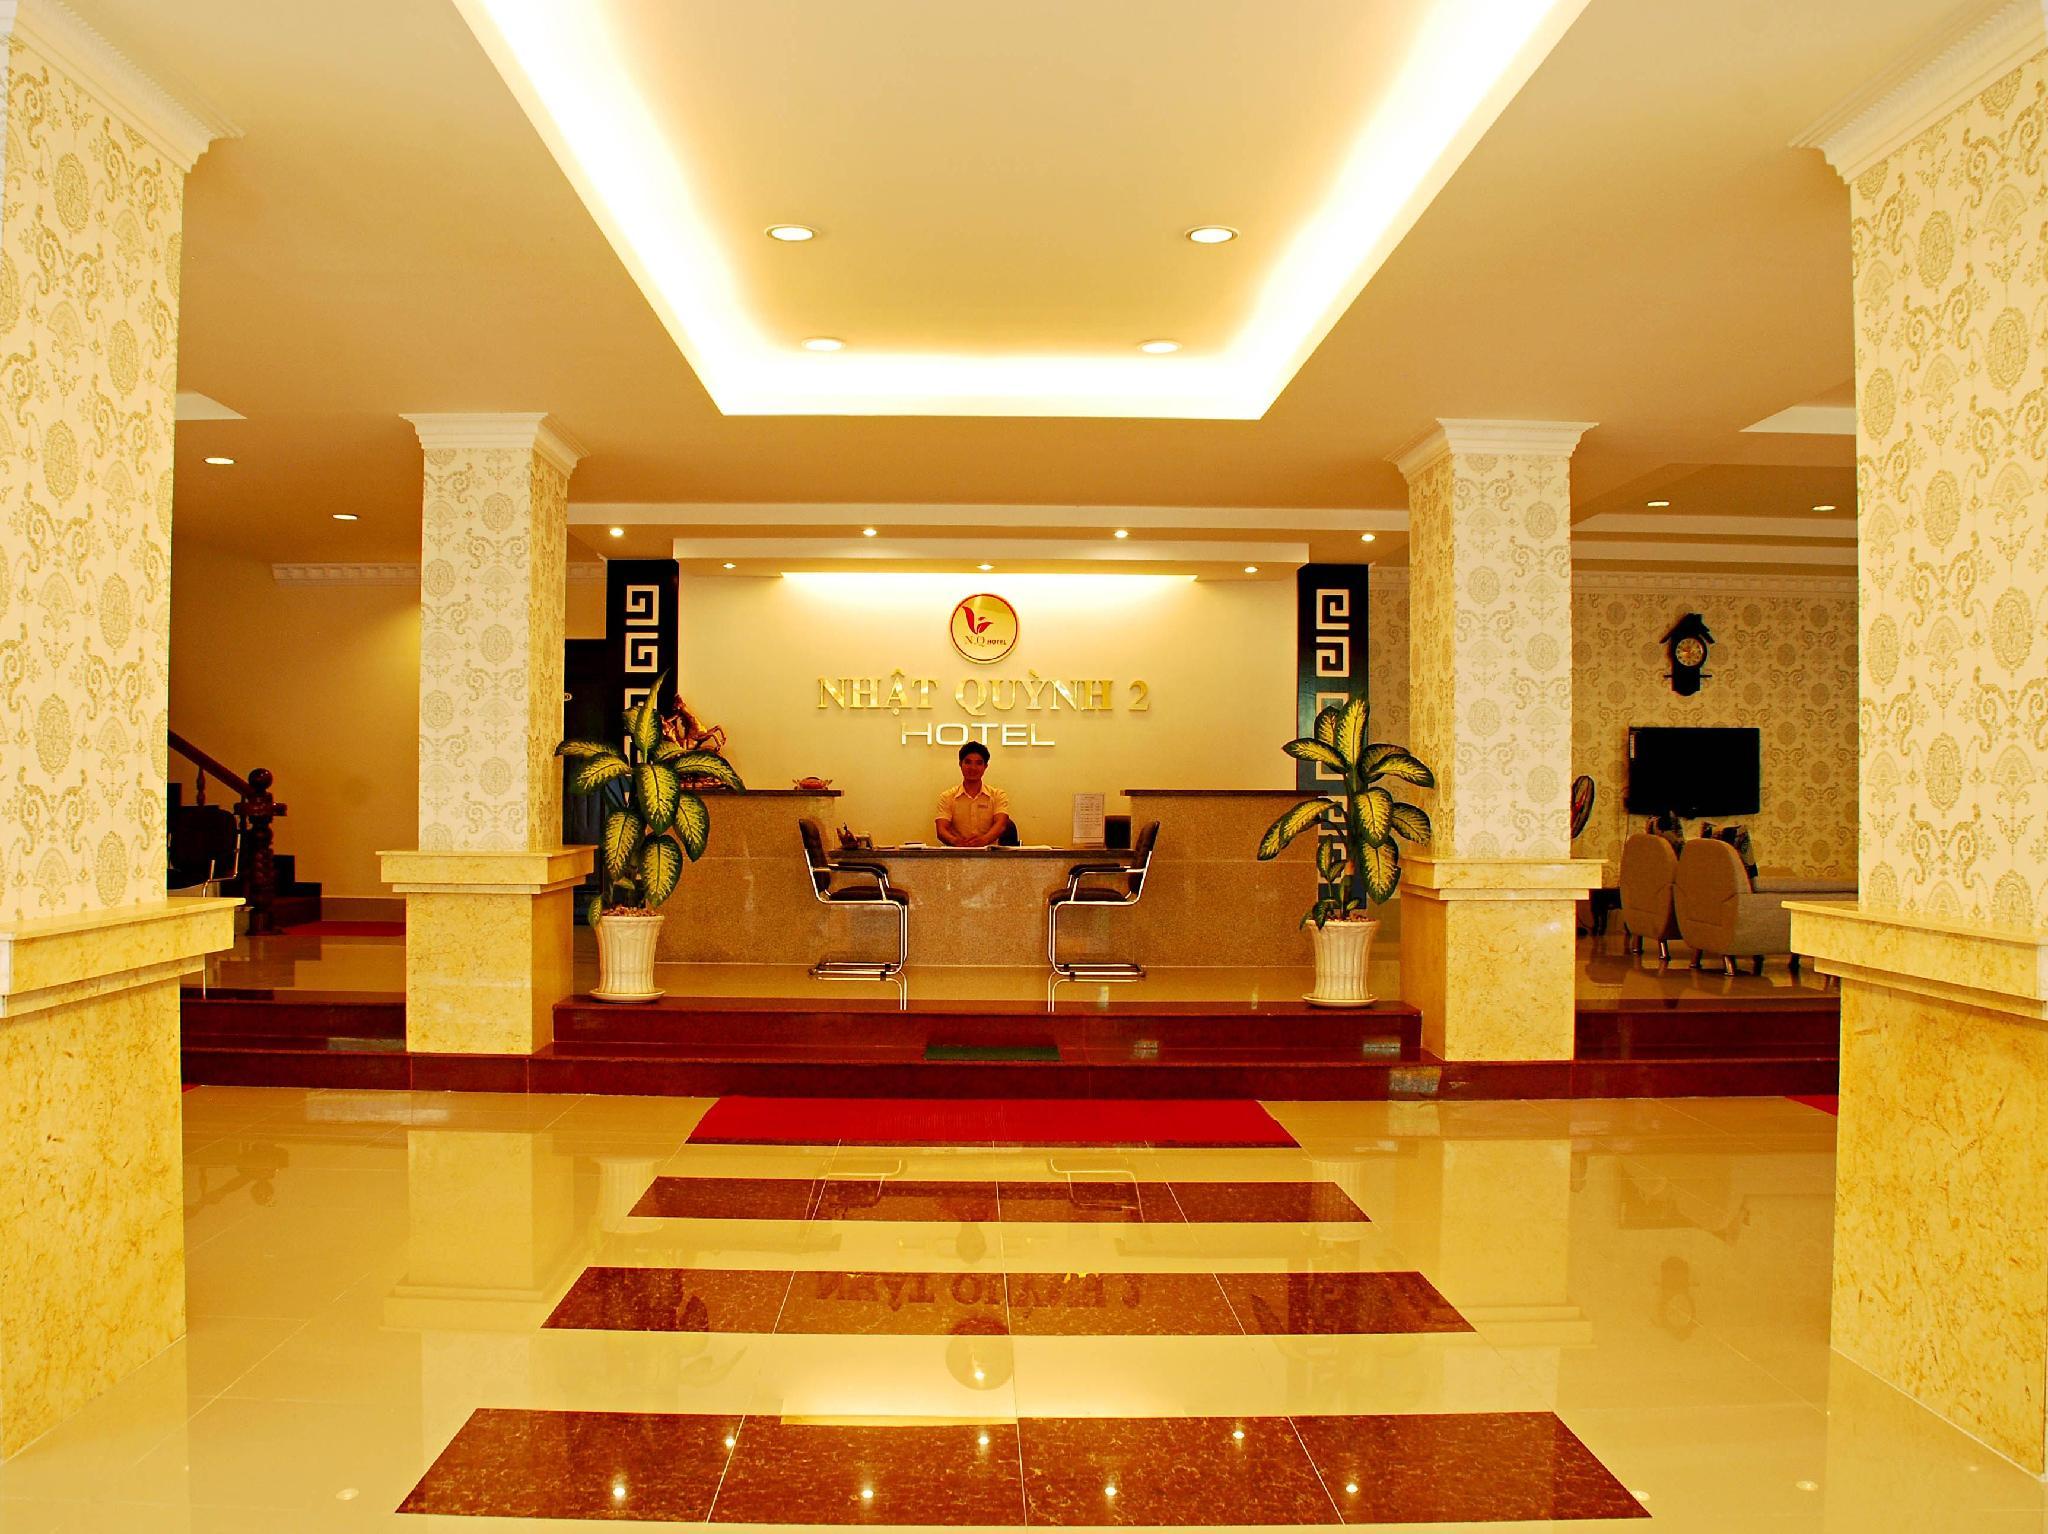 Nhat Quynh Hotel 2, Rạch Giá